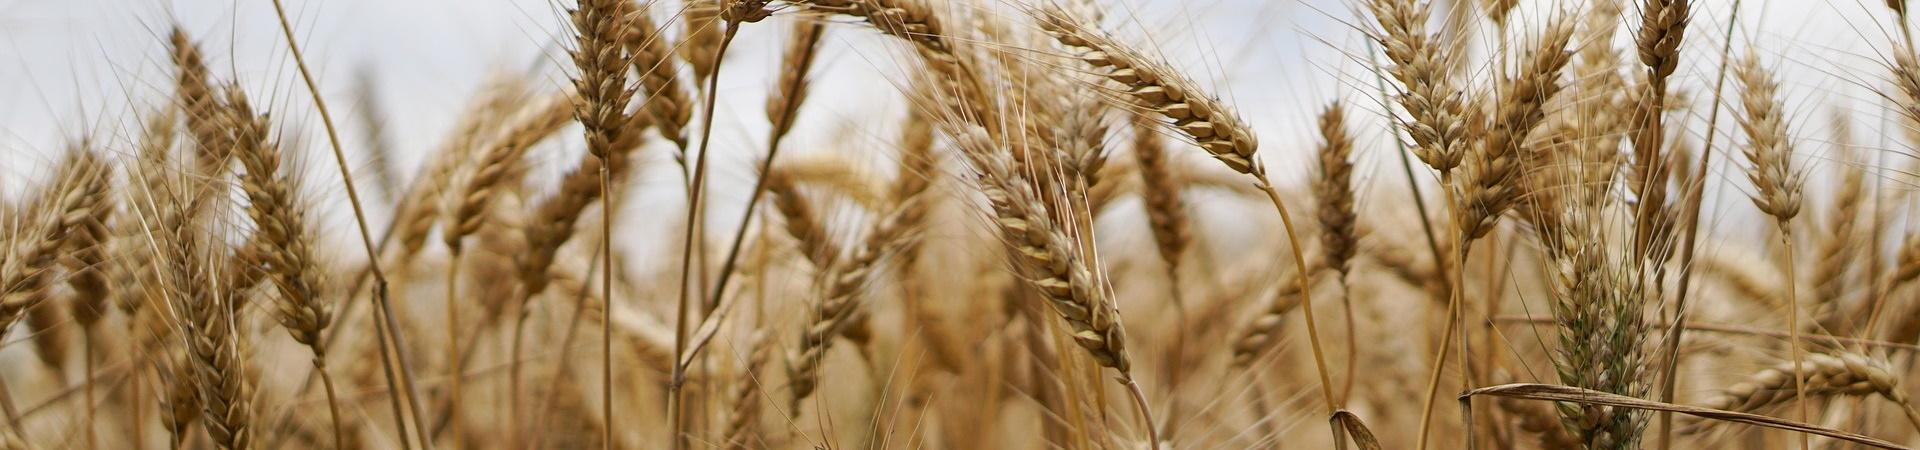 Nachhaltige Landwirtschaft im Bereich Großkulturen